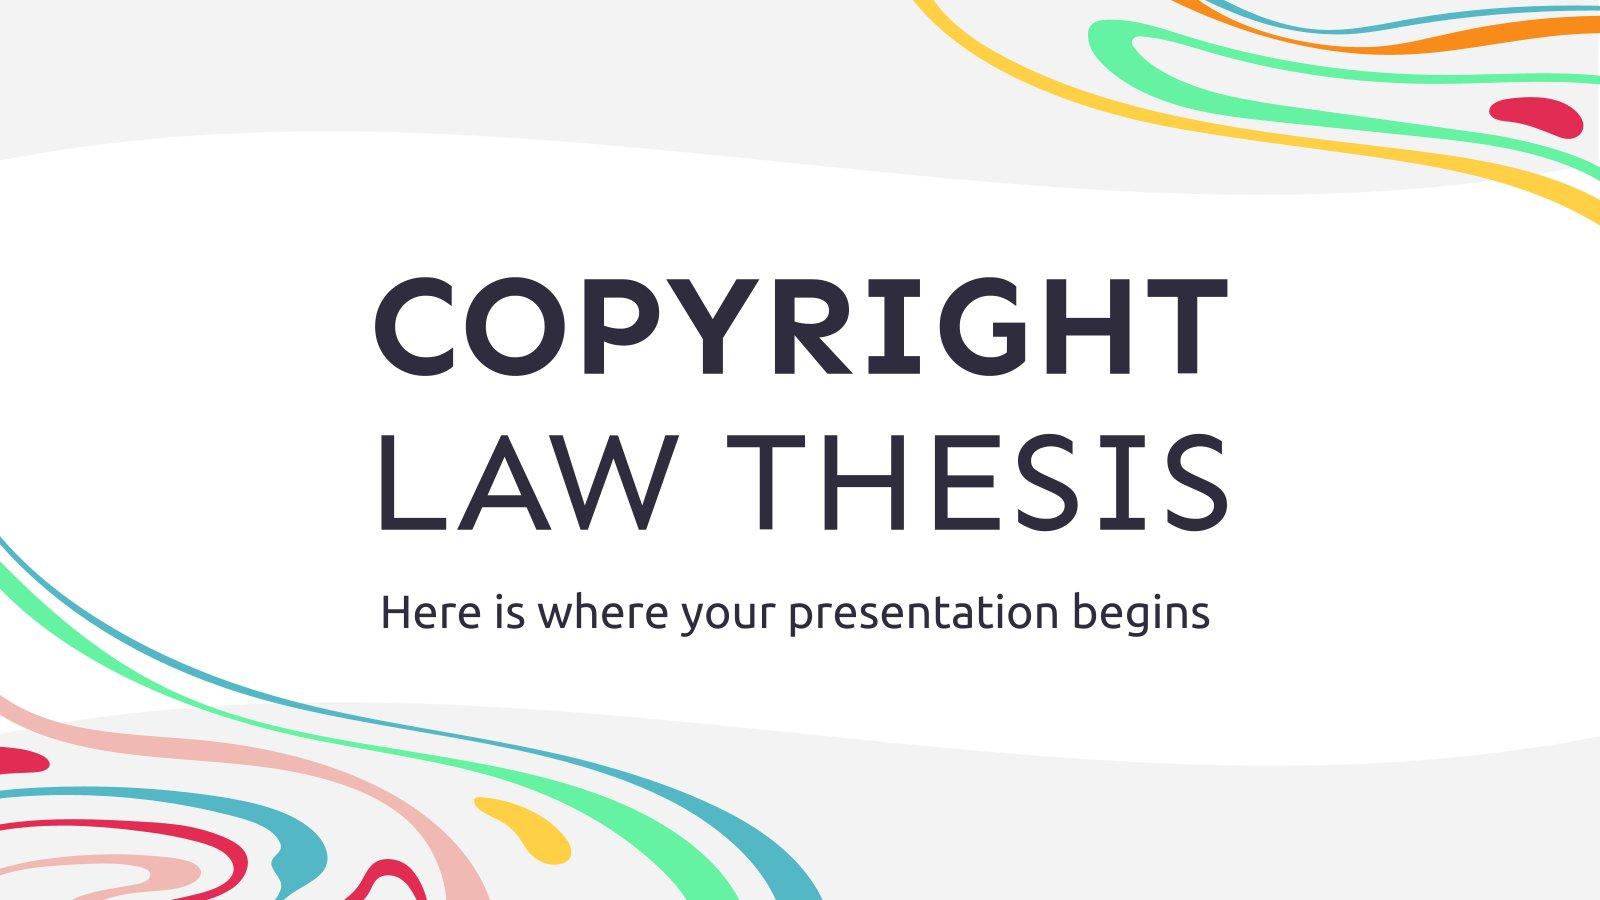 These zum Urheberrecht Präsentationsvorlage